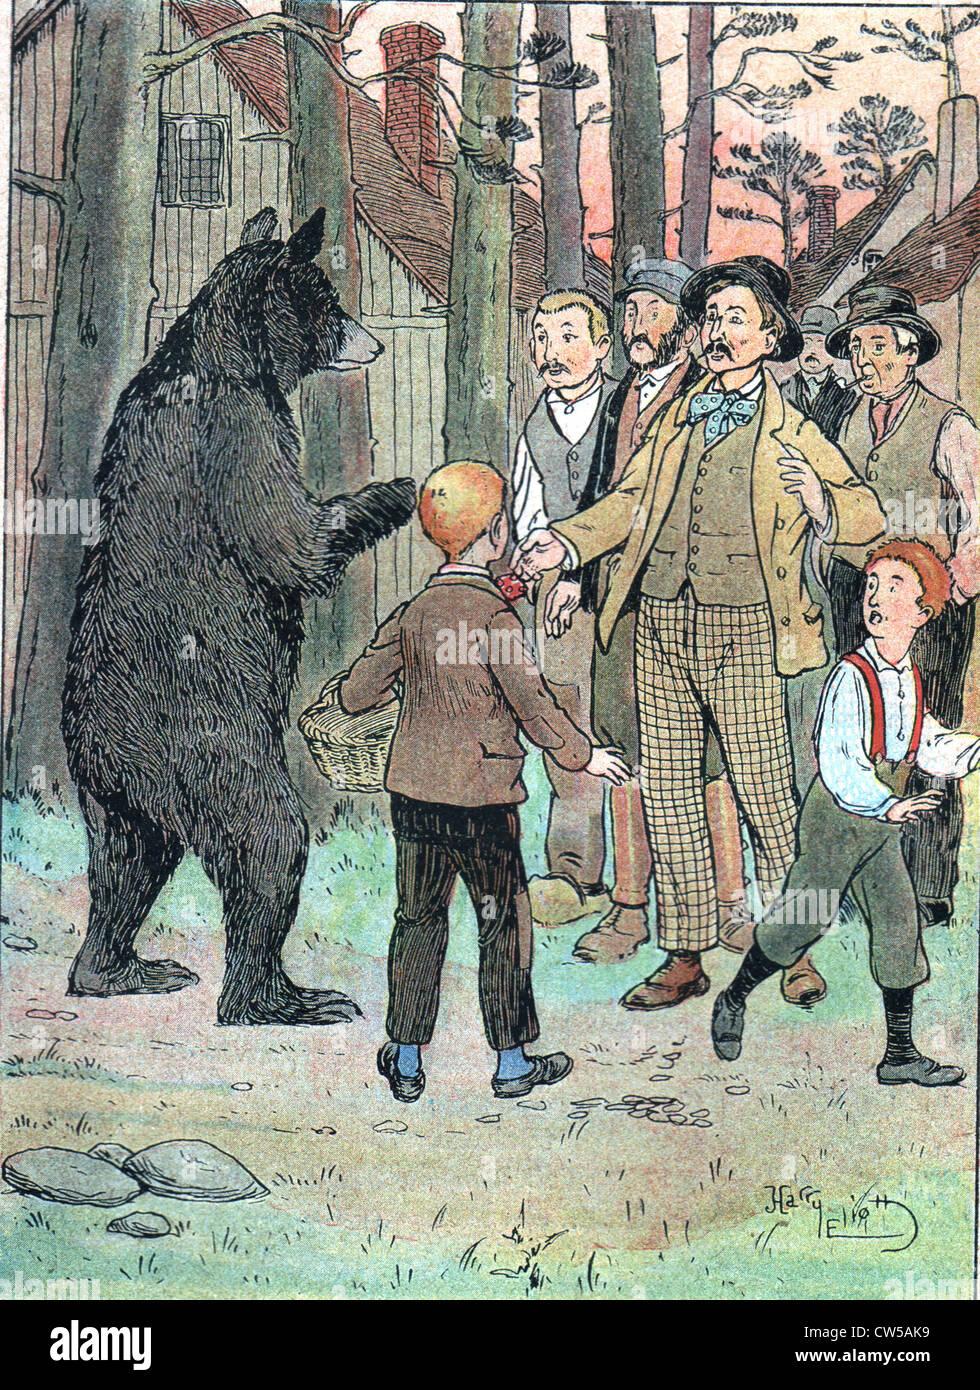 """Illustrazione del racconto """"Belzébuth il miele"""" di Auguste Bailly in 'Msul journal' di 16 Immagini Stock"""